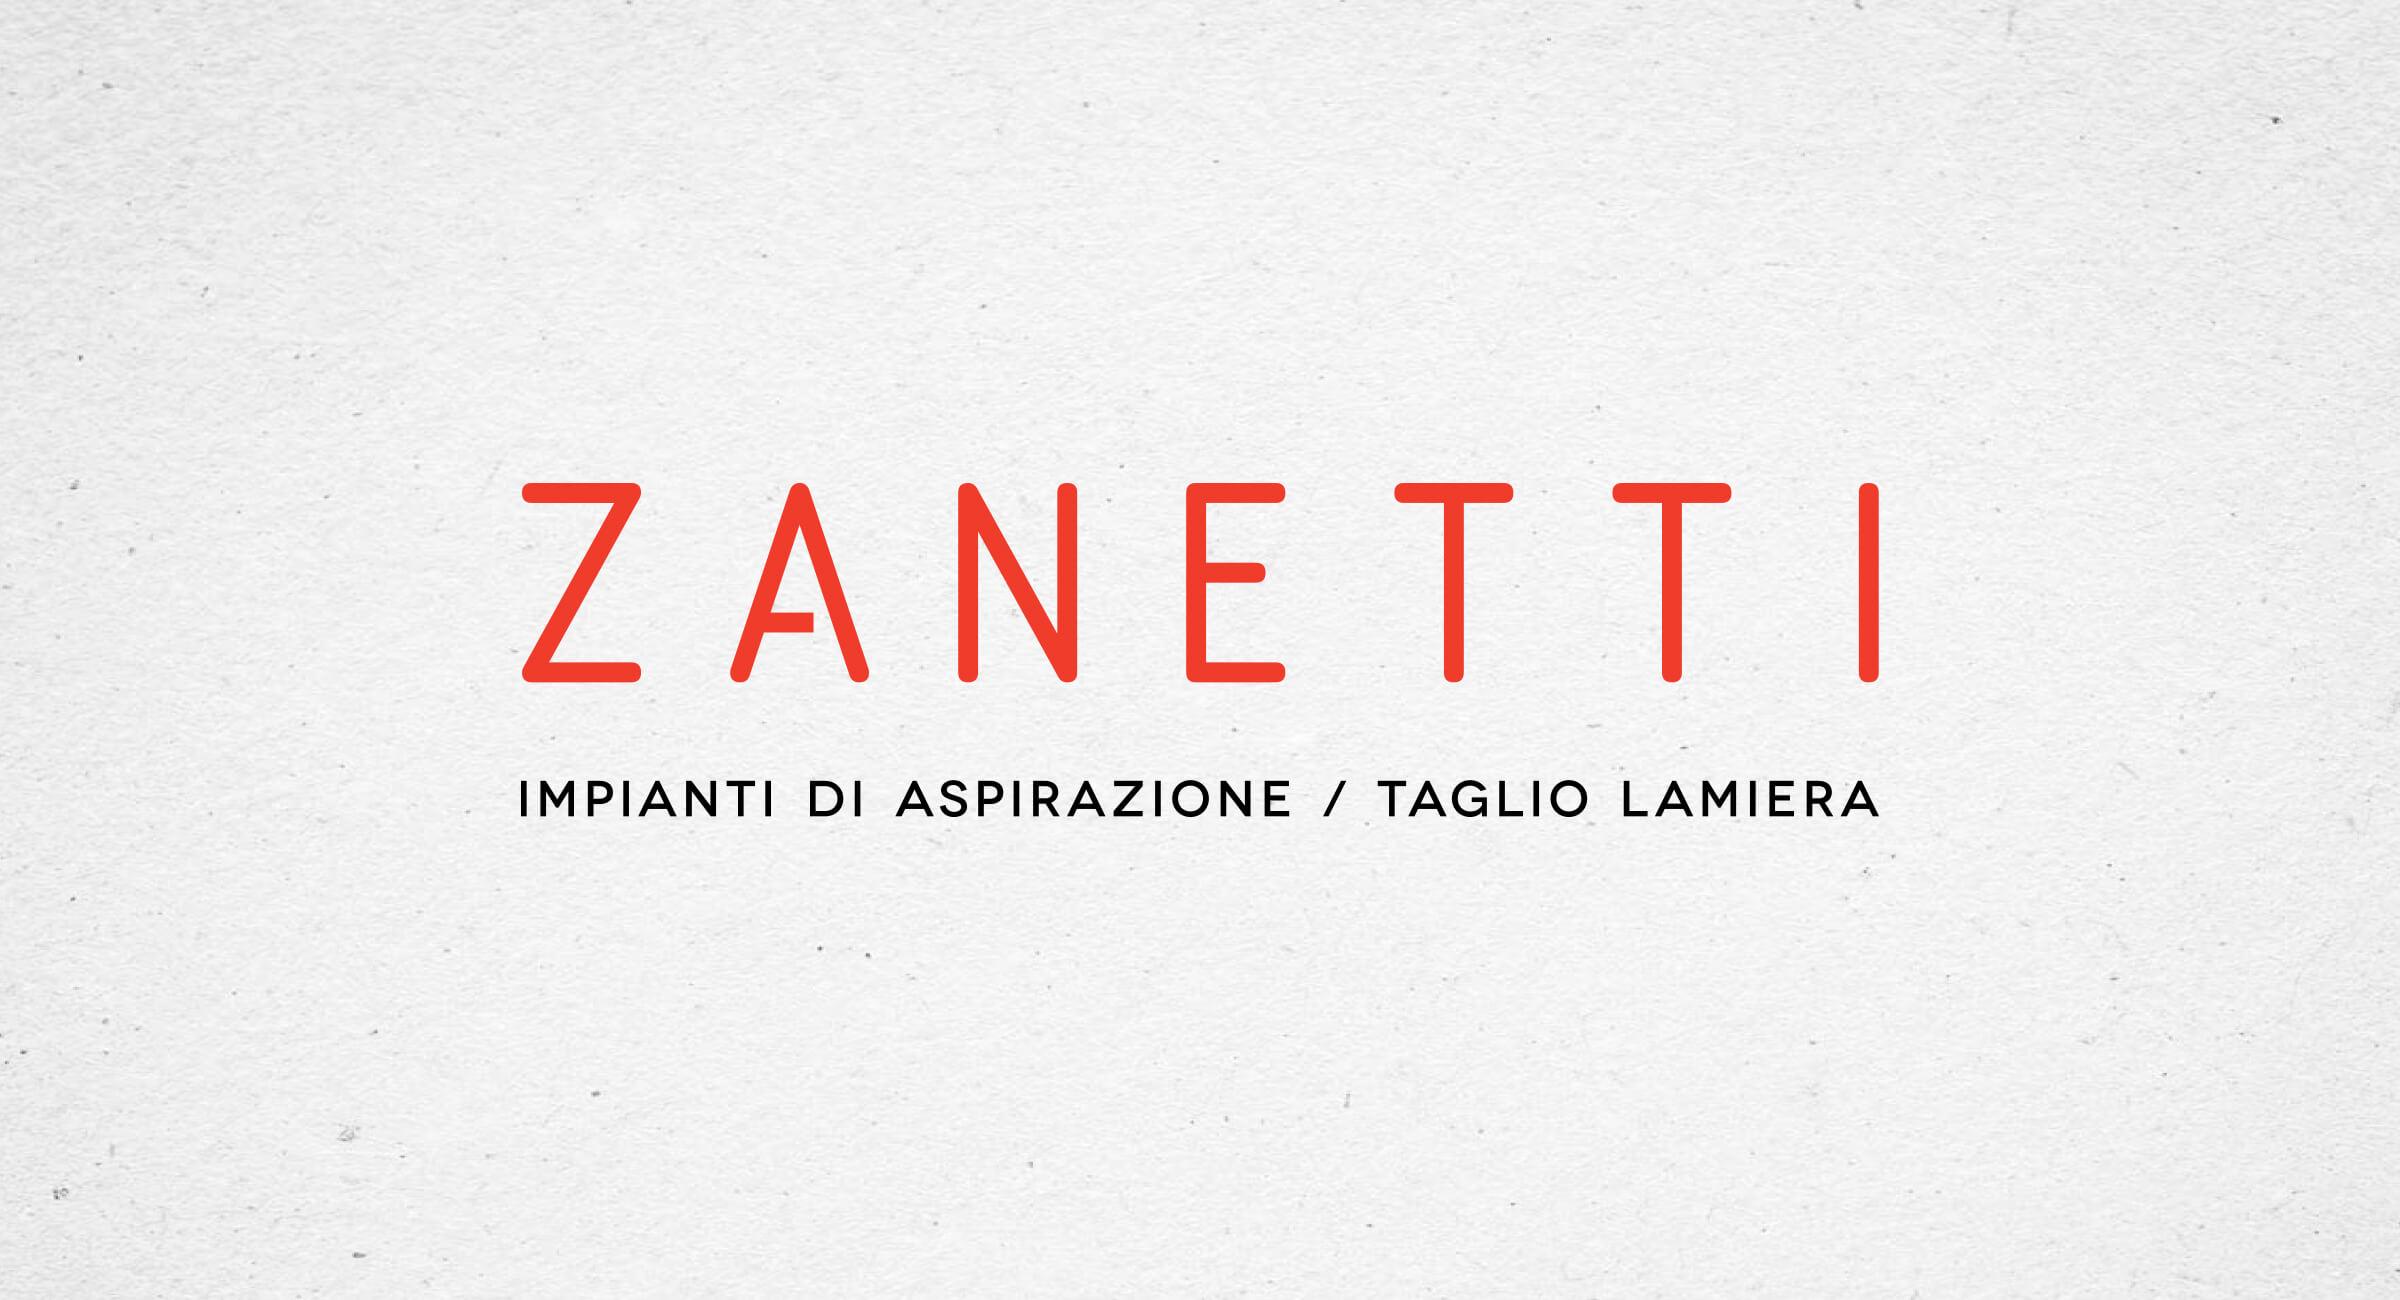 Logo-Zanetti-Impianti-OnOff